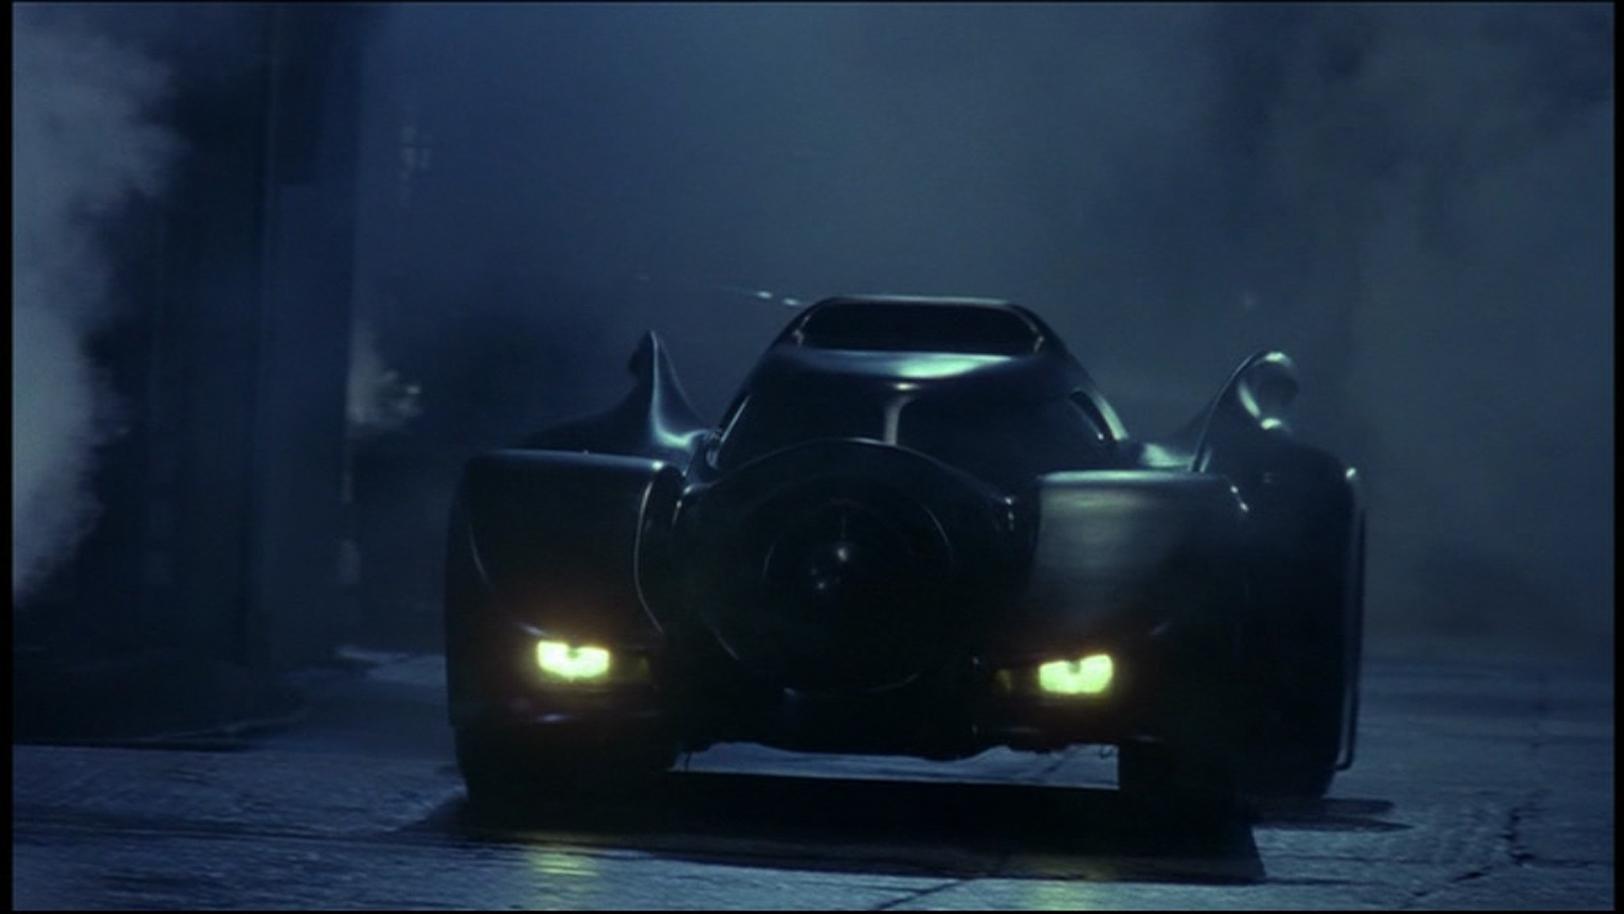 Batmobile Wallpapers - WallpaperSafari